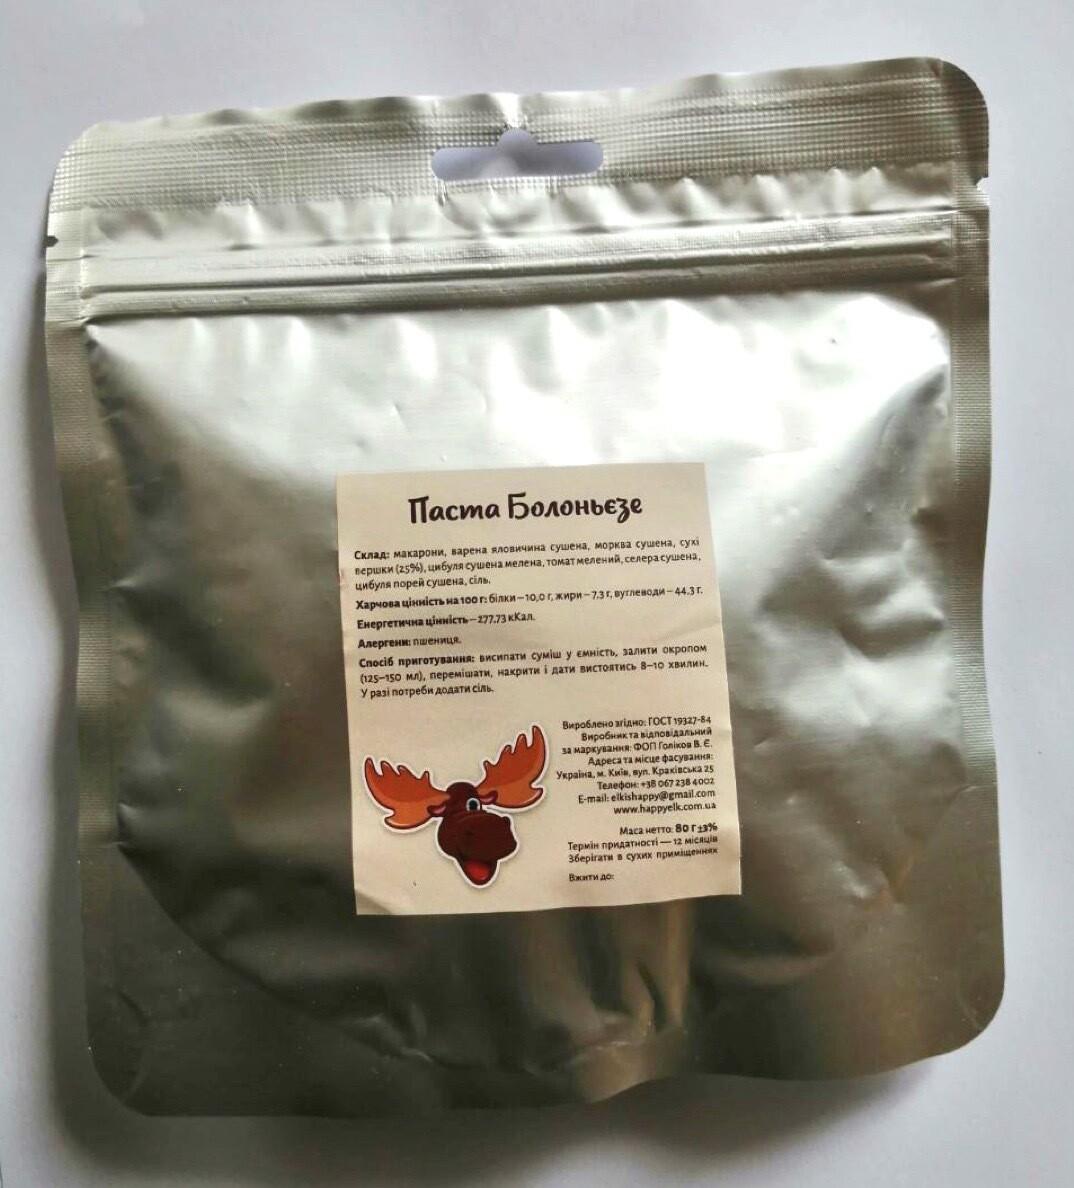 Паста Болоньєзе (упаковка для запарювання)